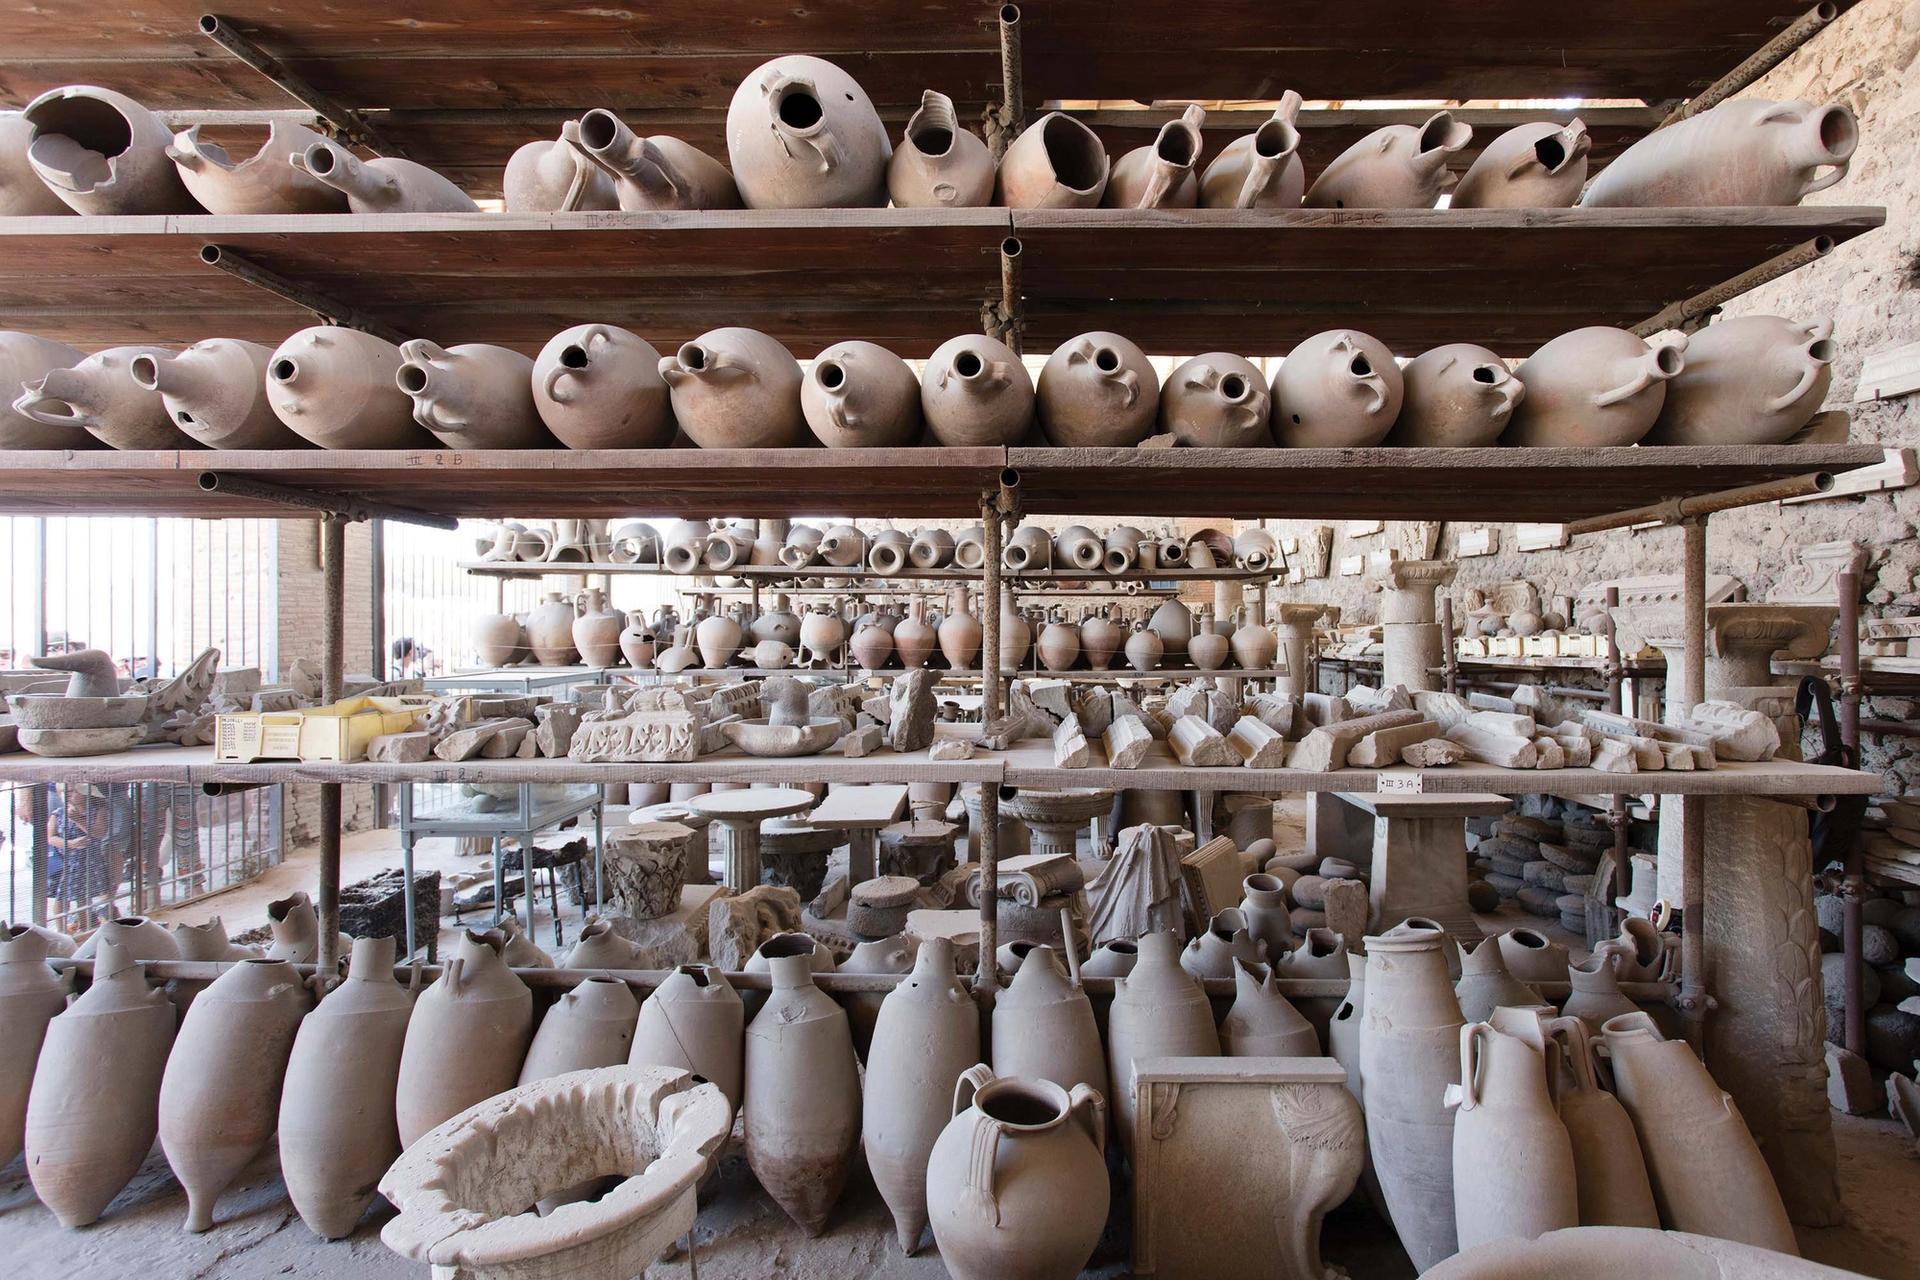 Courtesy of Parco Archeologico di Pompei